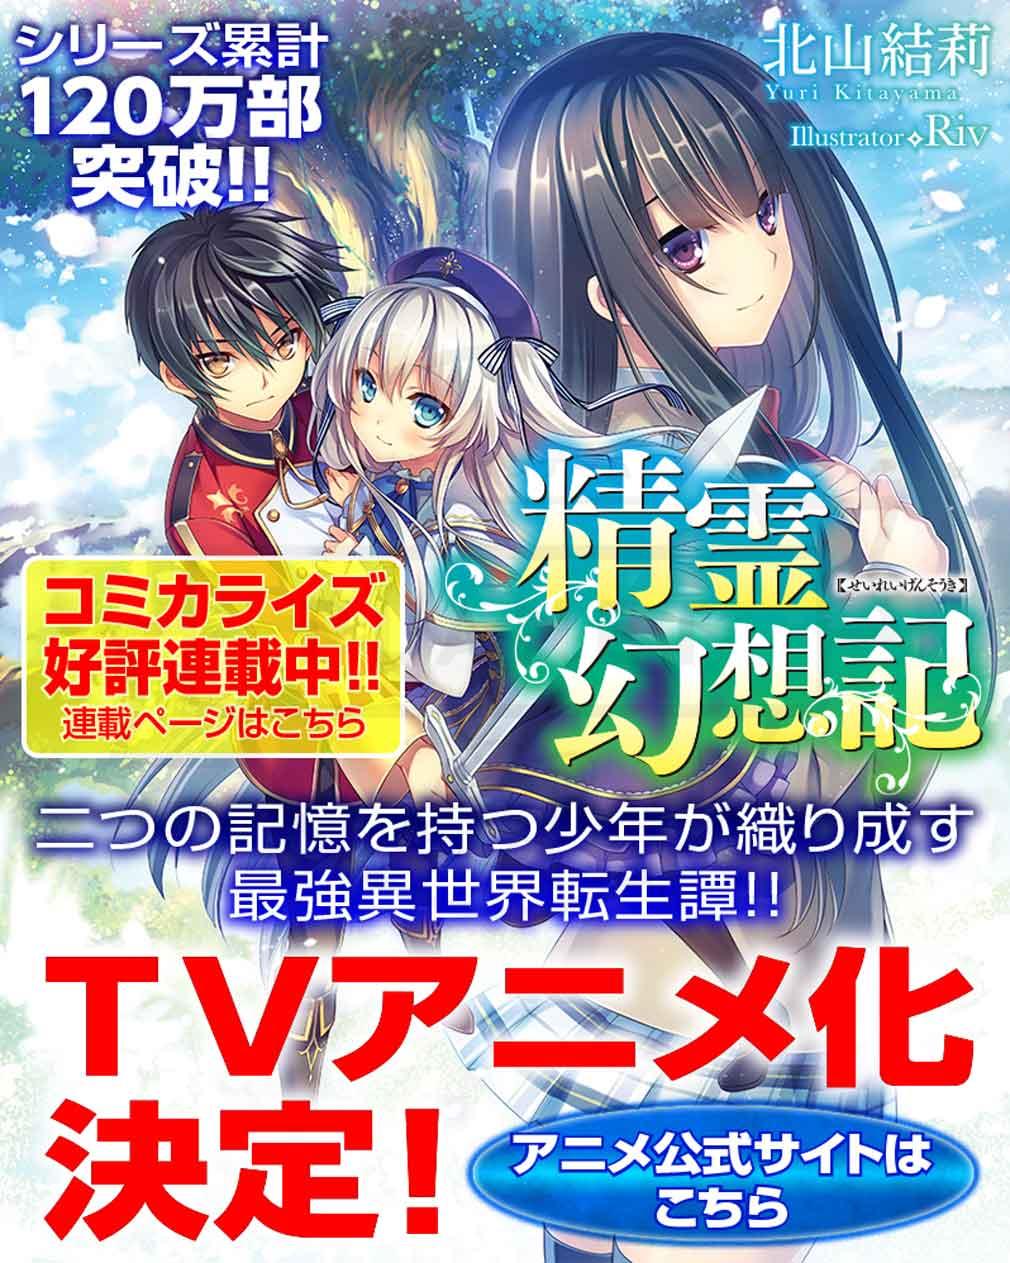 原作『精霊幻想記』TVアニメ化決定紹介イメージ